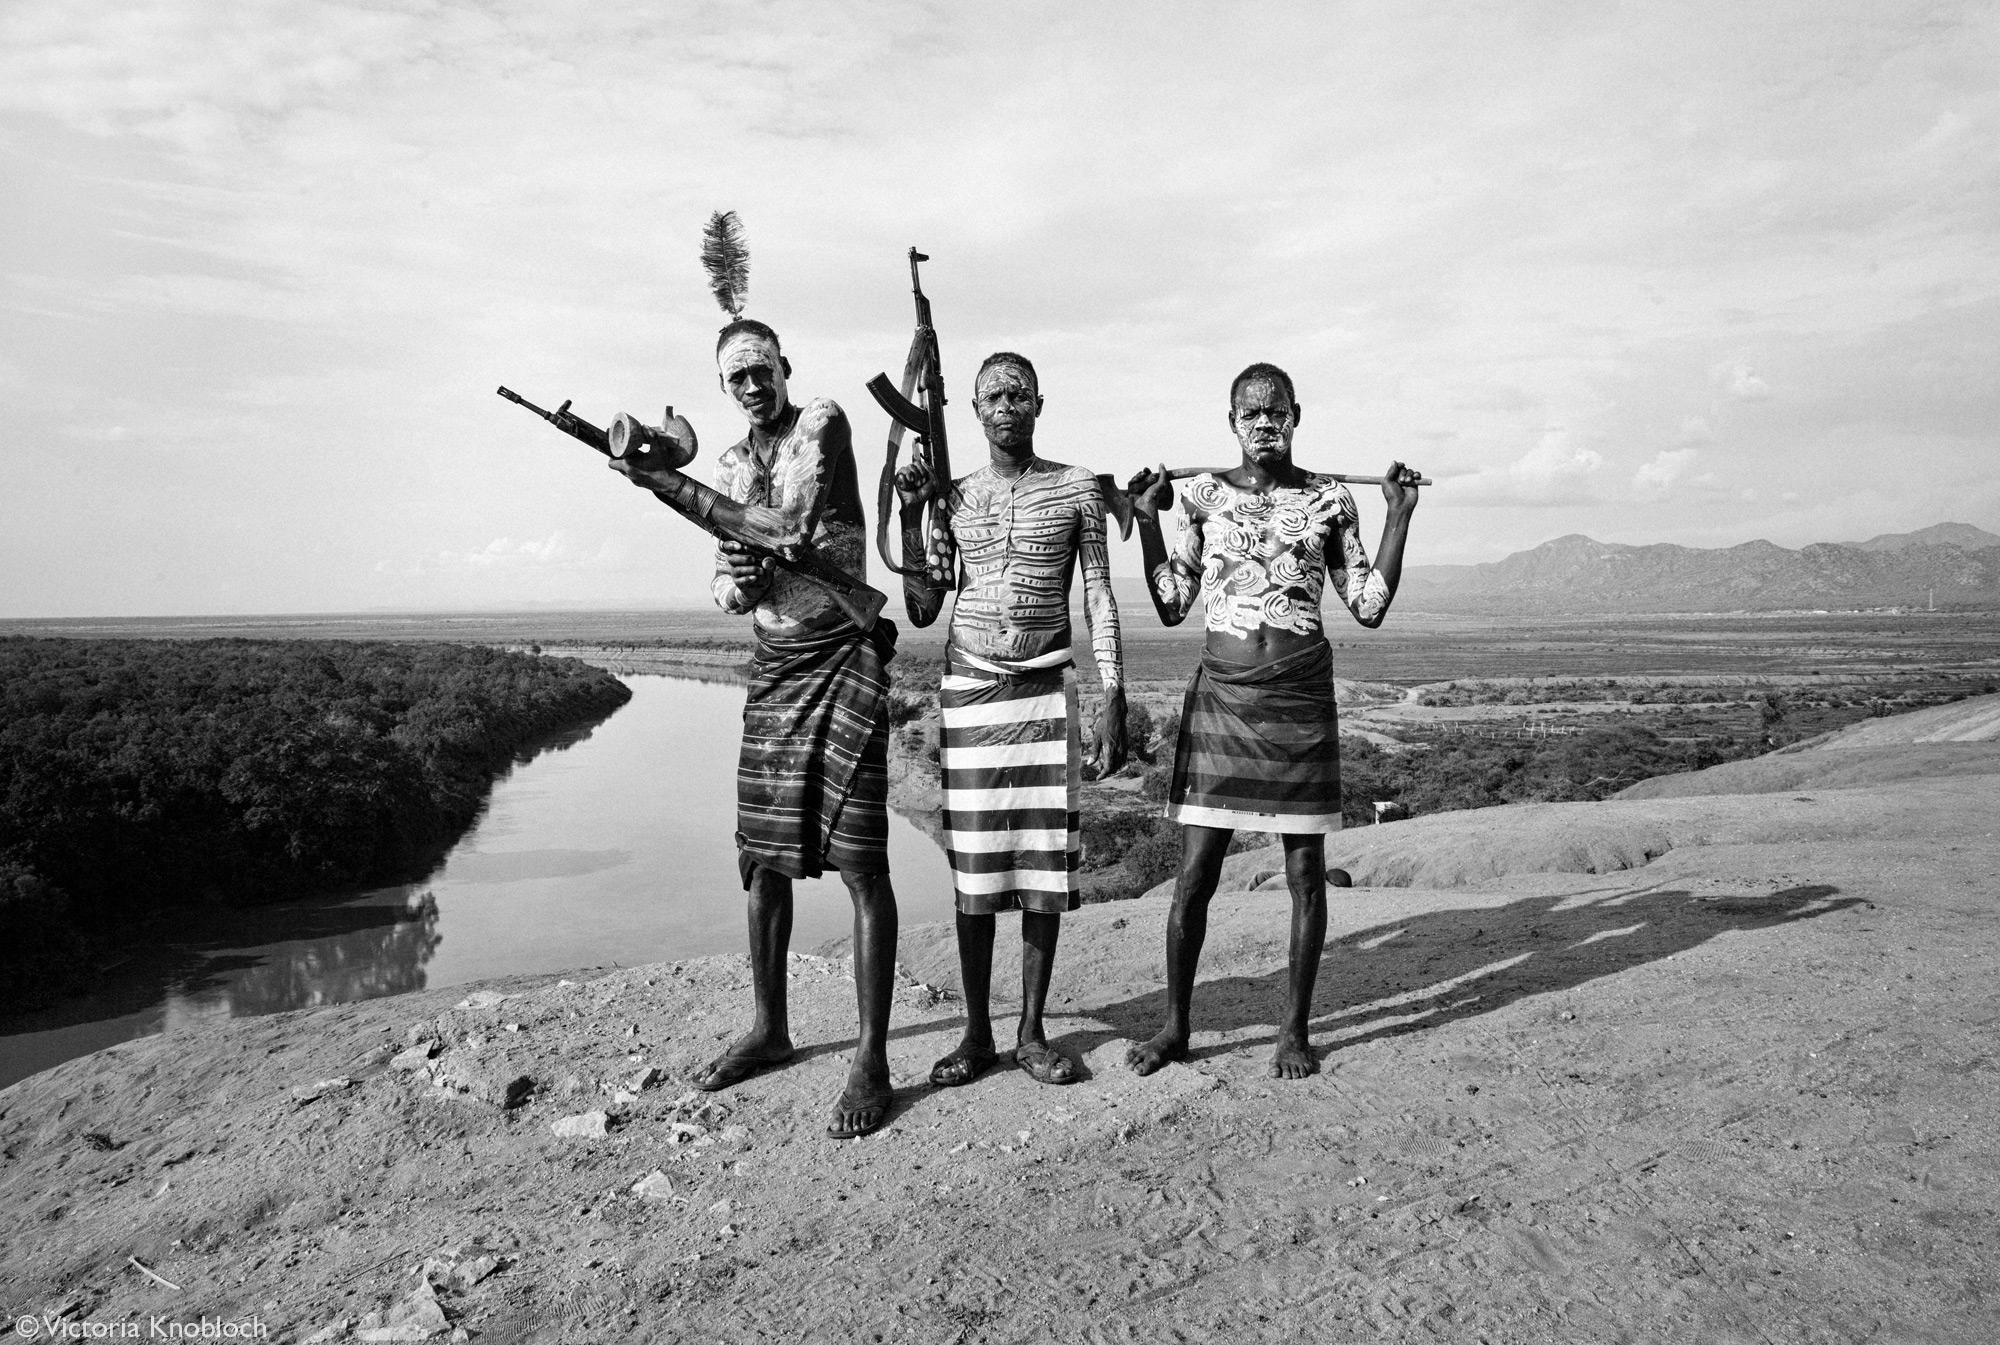 Men from the Karo tribe posing with their AK47s, Omo Valley, Ethiopia